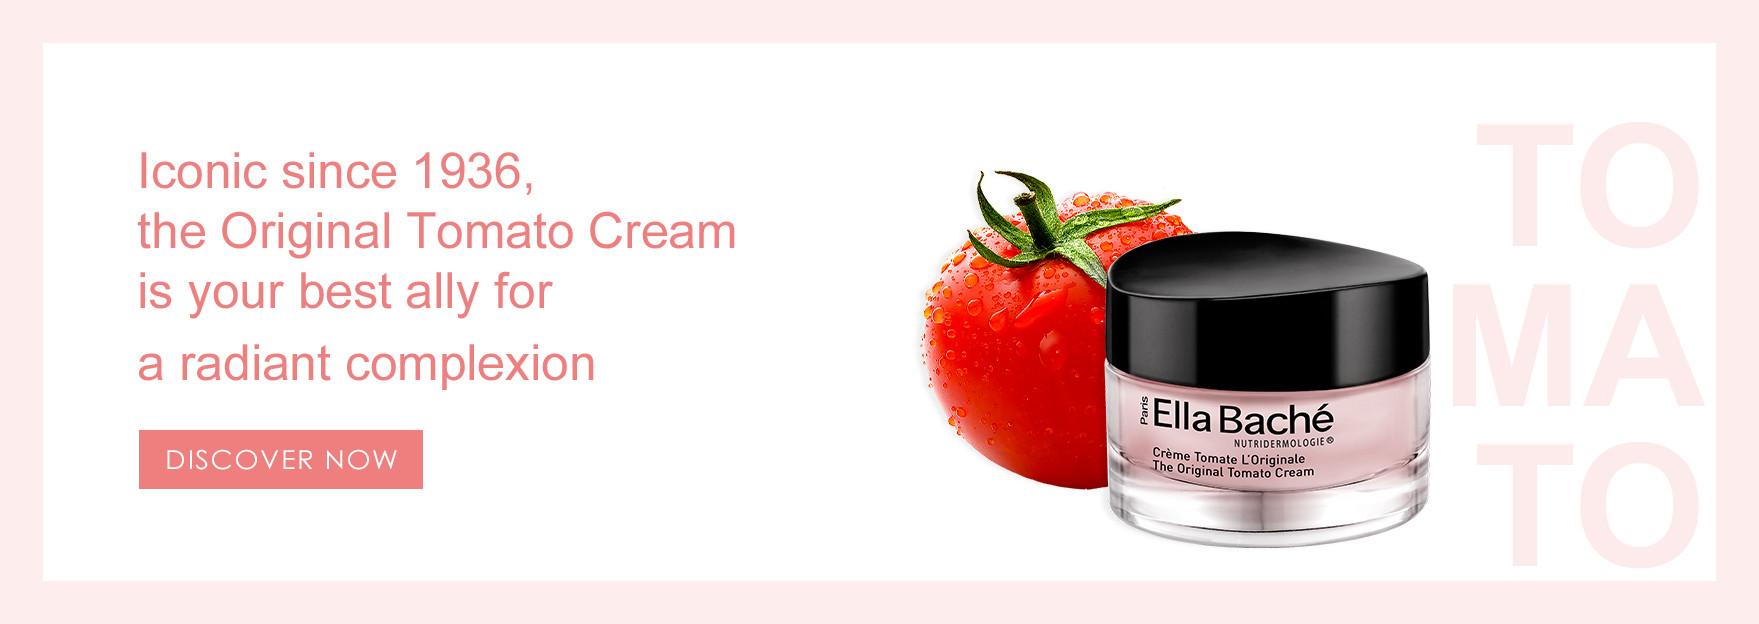 DIcsover our most iconic face cream : The Original Tomato Cream